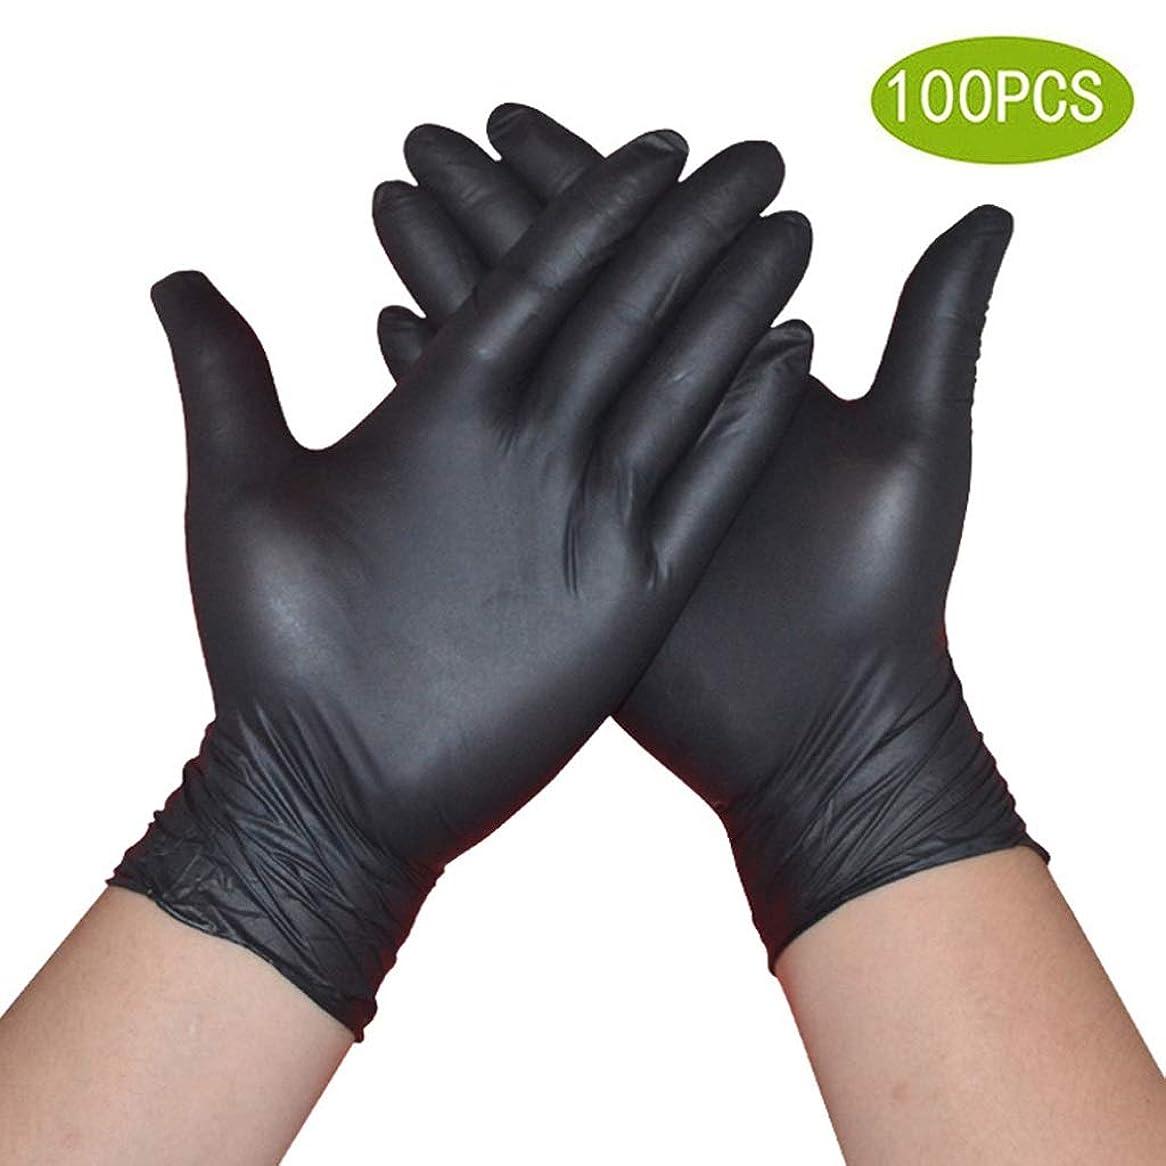 膿瘍ペルソナ任意ニトリル手袋使い捨て肥厚ブルーDingqing使い捨て手袋ラテックス食品美容家事防水タトゥー|病院向けのプロフェッショナルグレード (Color : Black, Size : L)